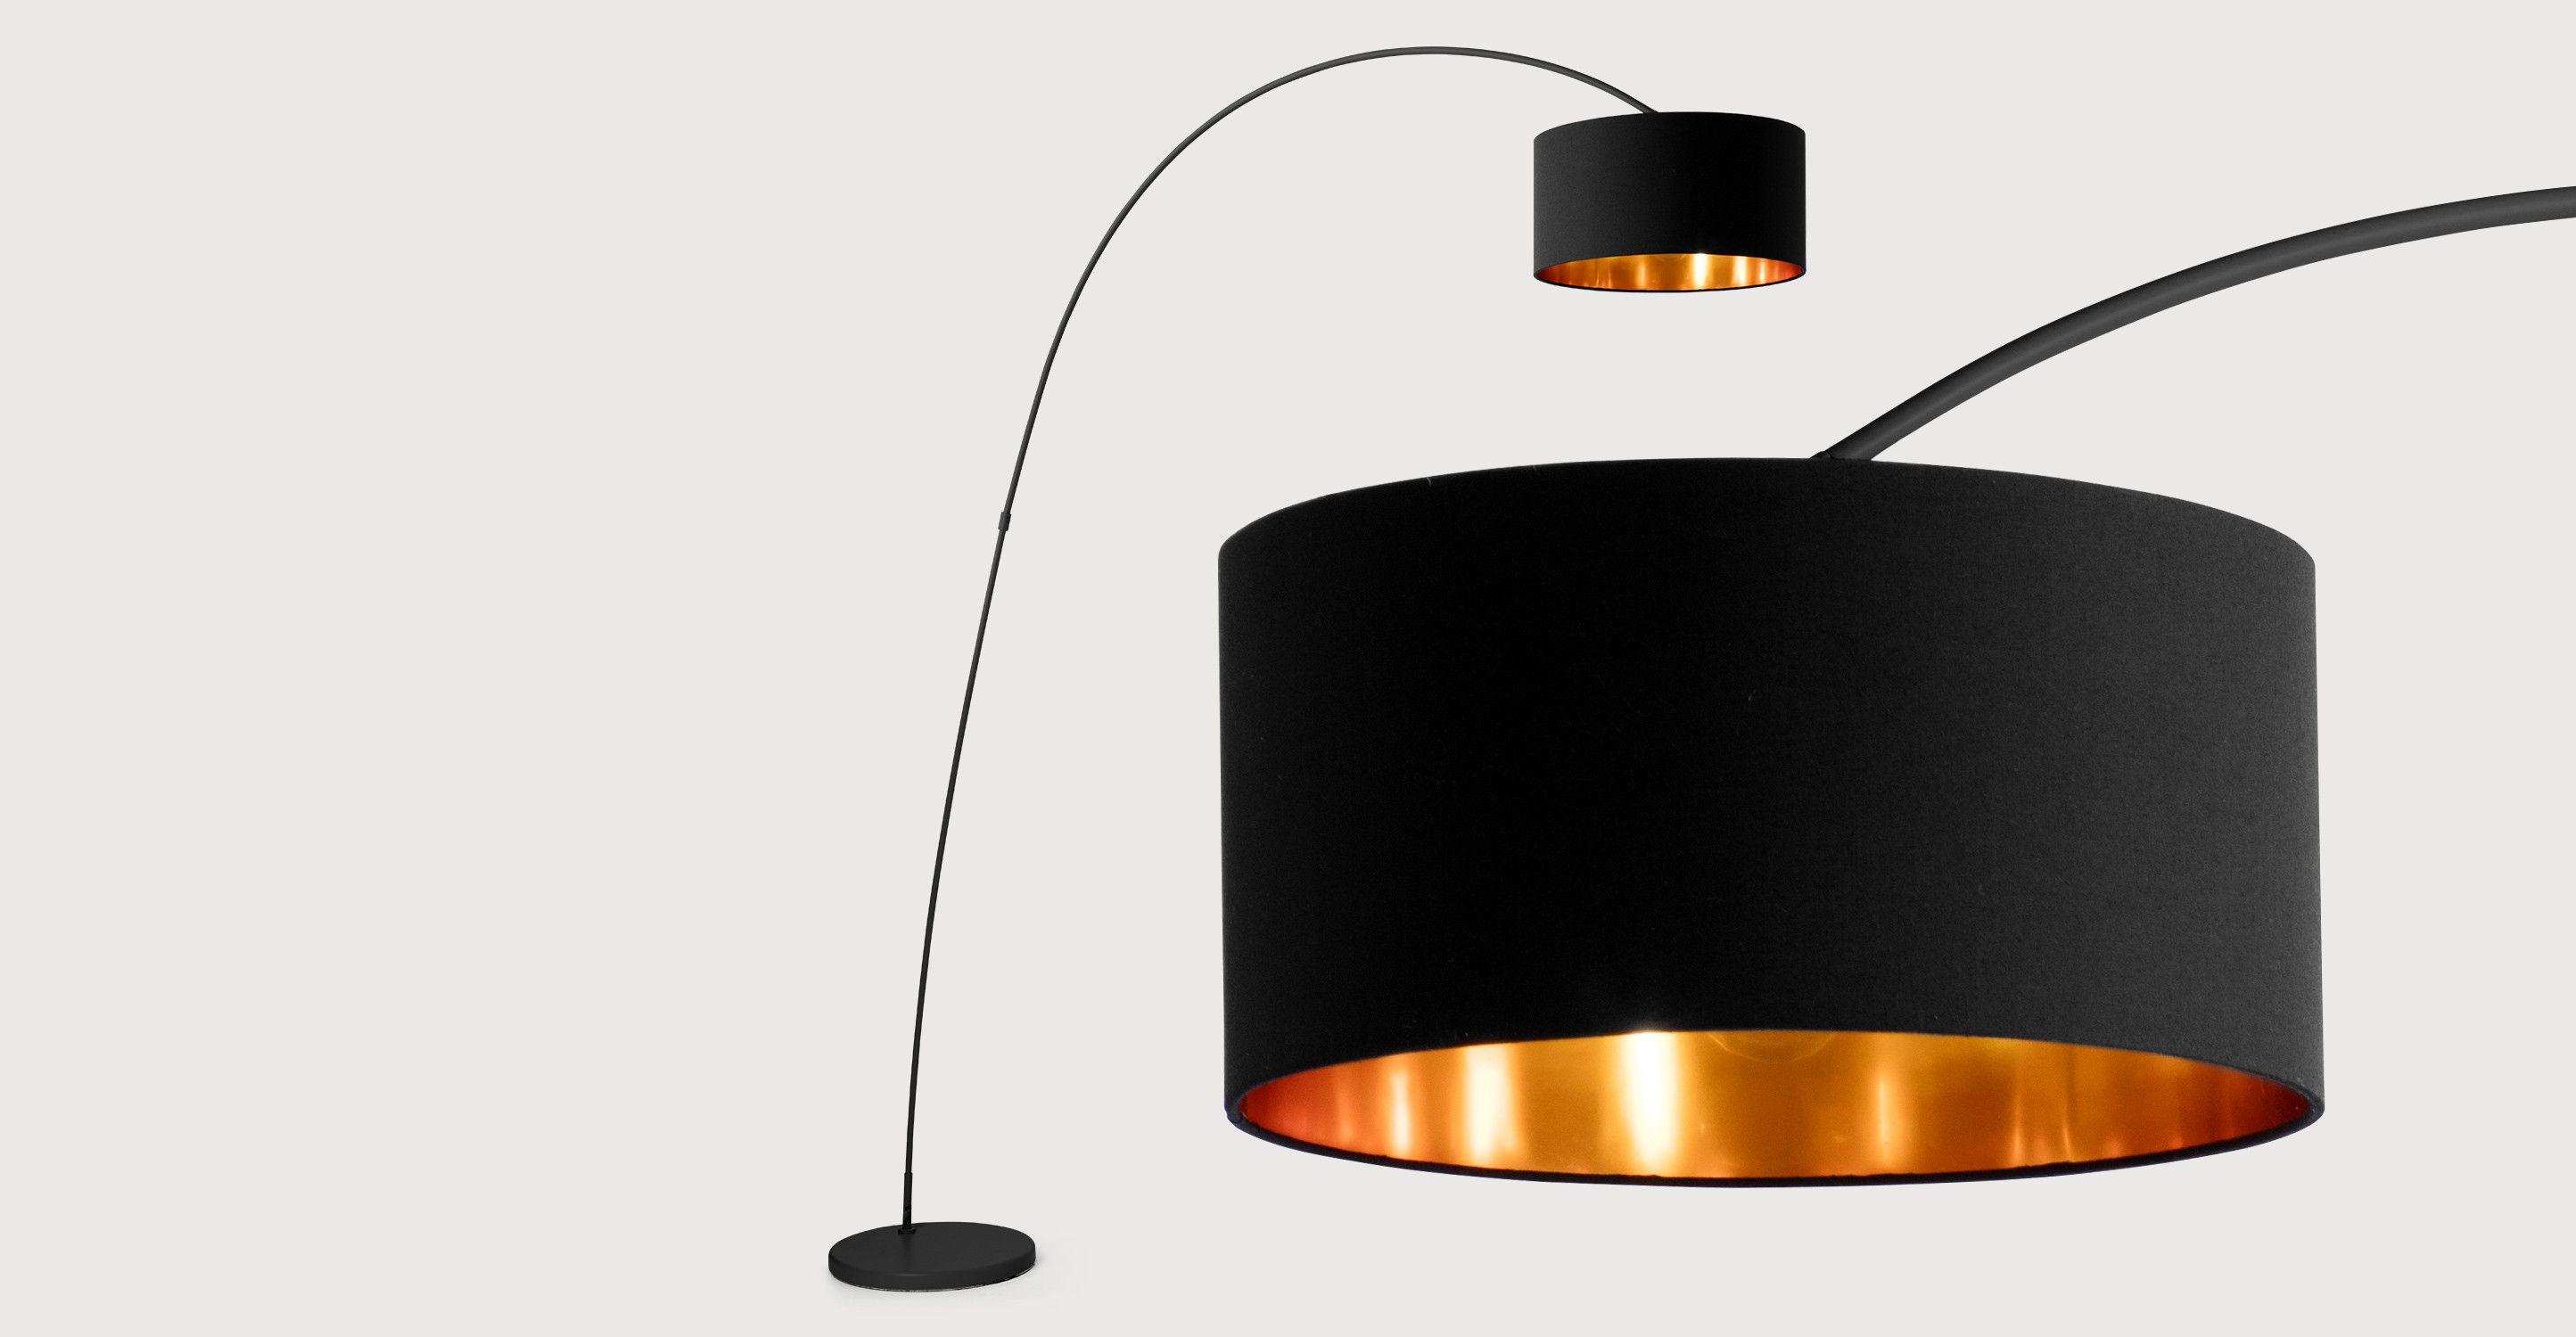 Mat zwart met koper boog lamp interieur inspiratie floor lamp